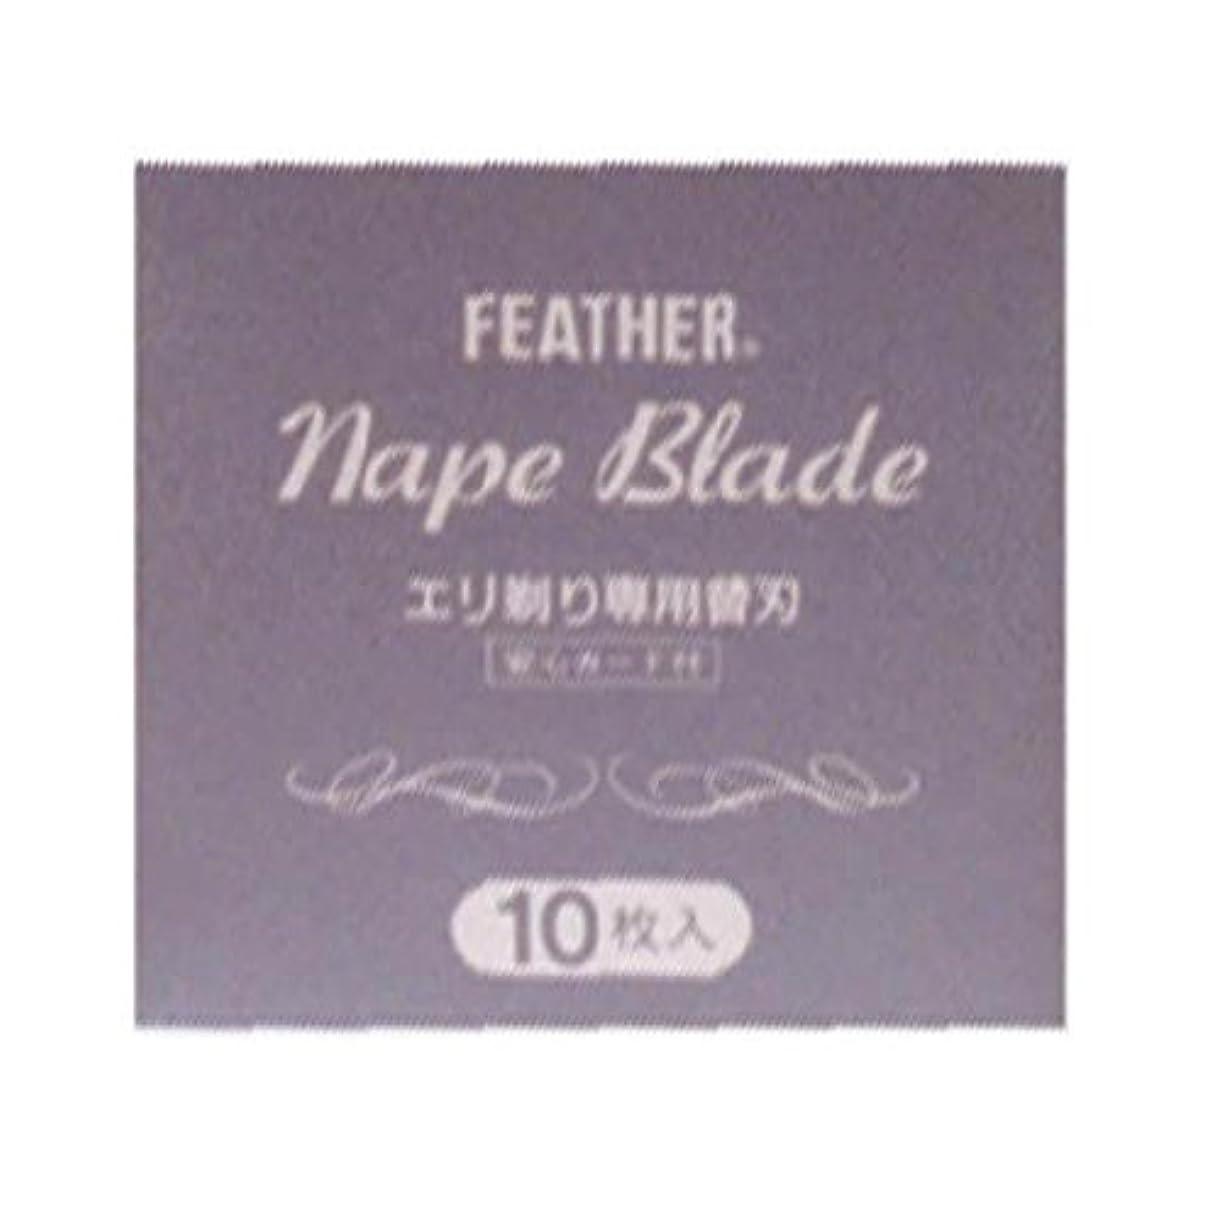 一生放射する傑出したフェザー ネープブレイドエリ剃り専用替刃 10枚入